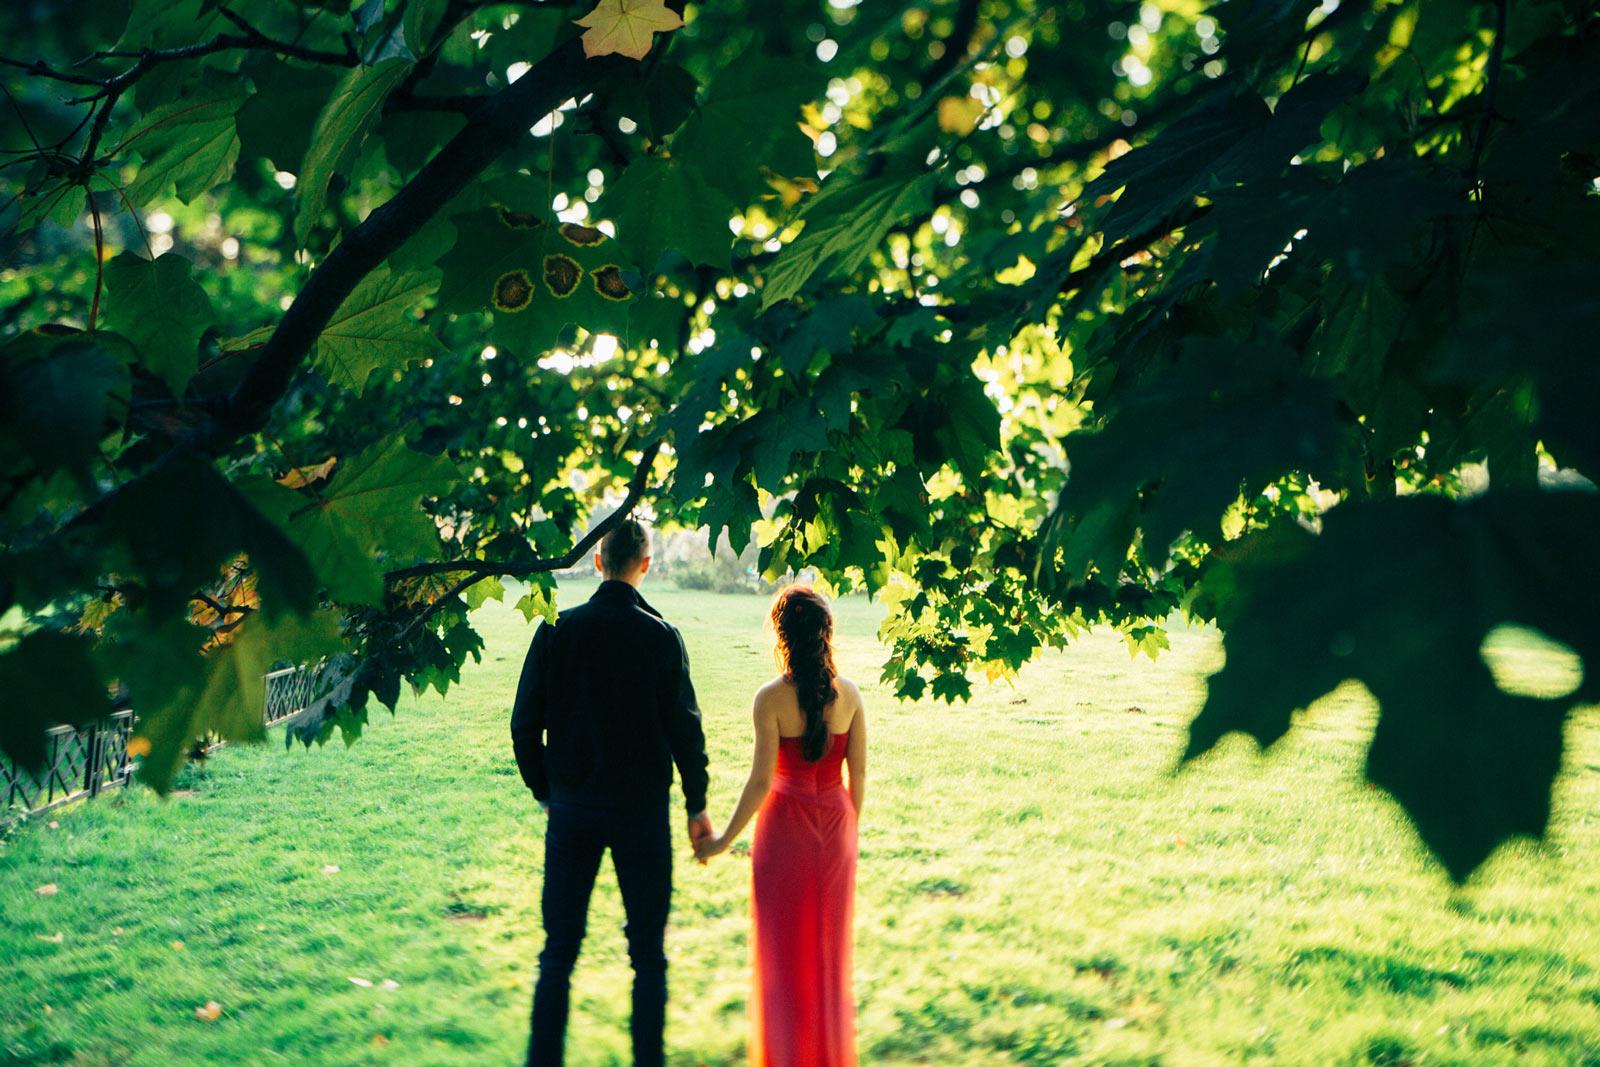 Свадебный фотограф, свадебная прогулка - романтичная серия